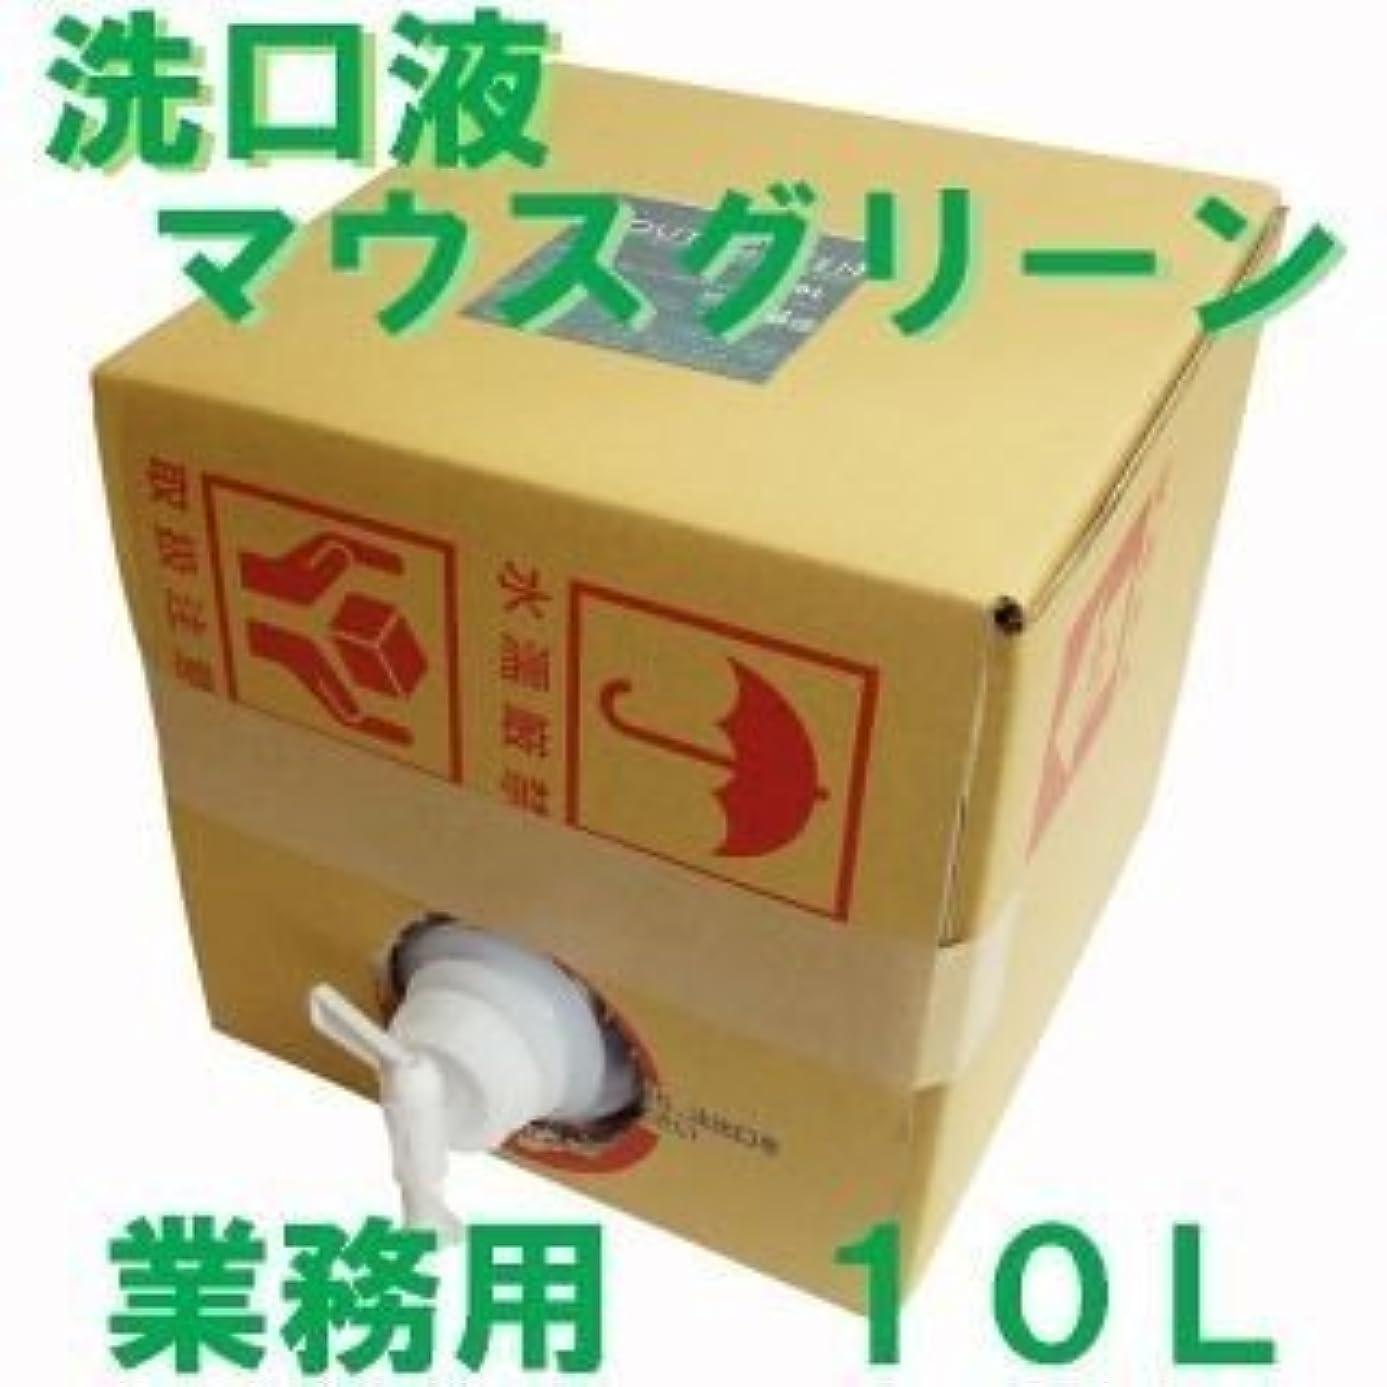 シソーラストチの実の木差業務用 口腔化粧品 マウスグリーン洗口液 10L